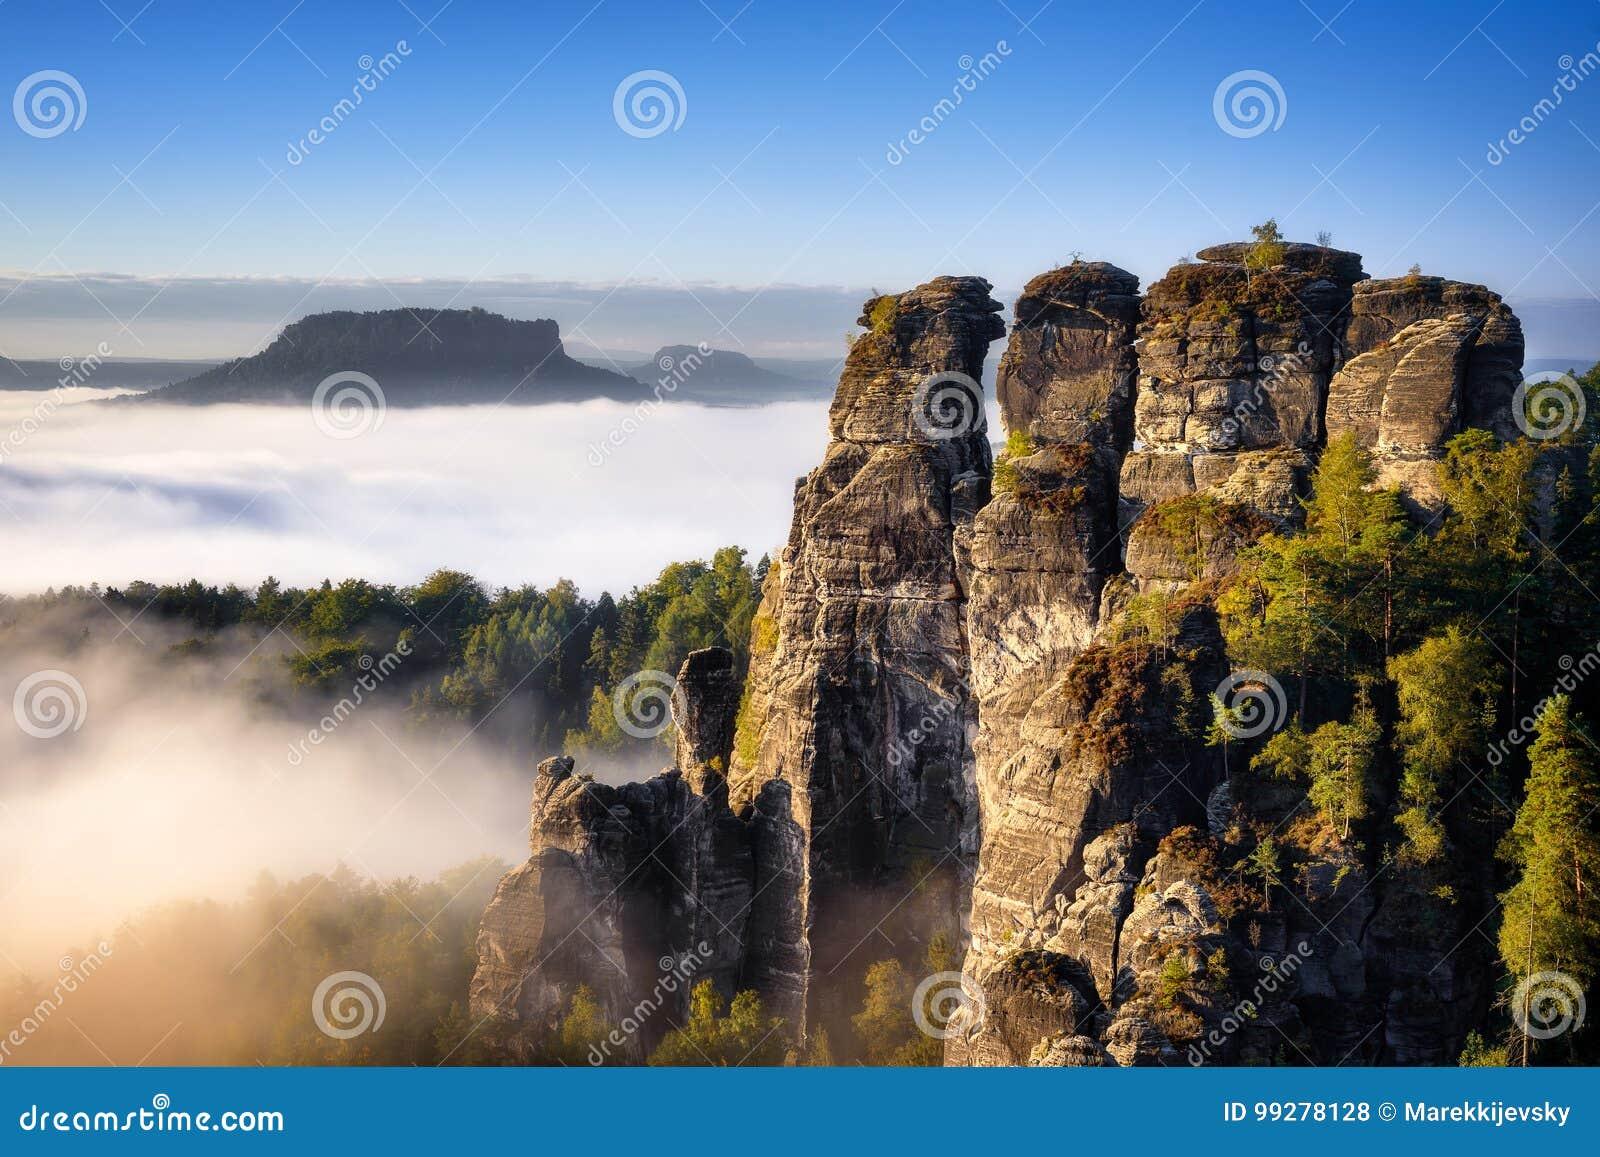 Mountain View rochoso durante a estação do outono Nascer do sol nevoento em Bastei, Alemanha